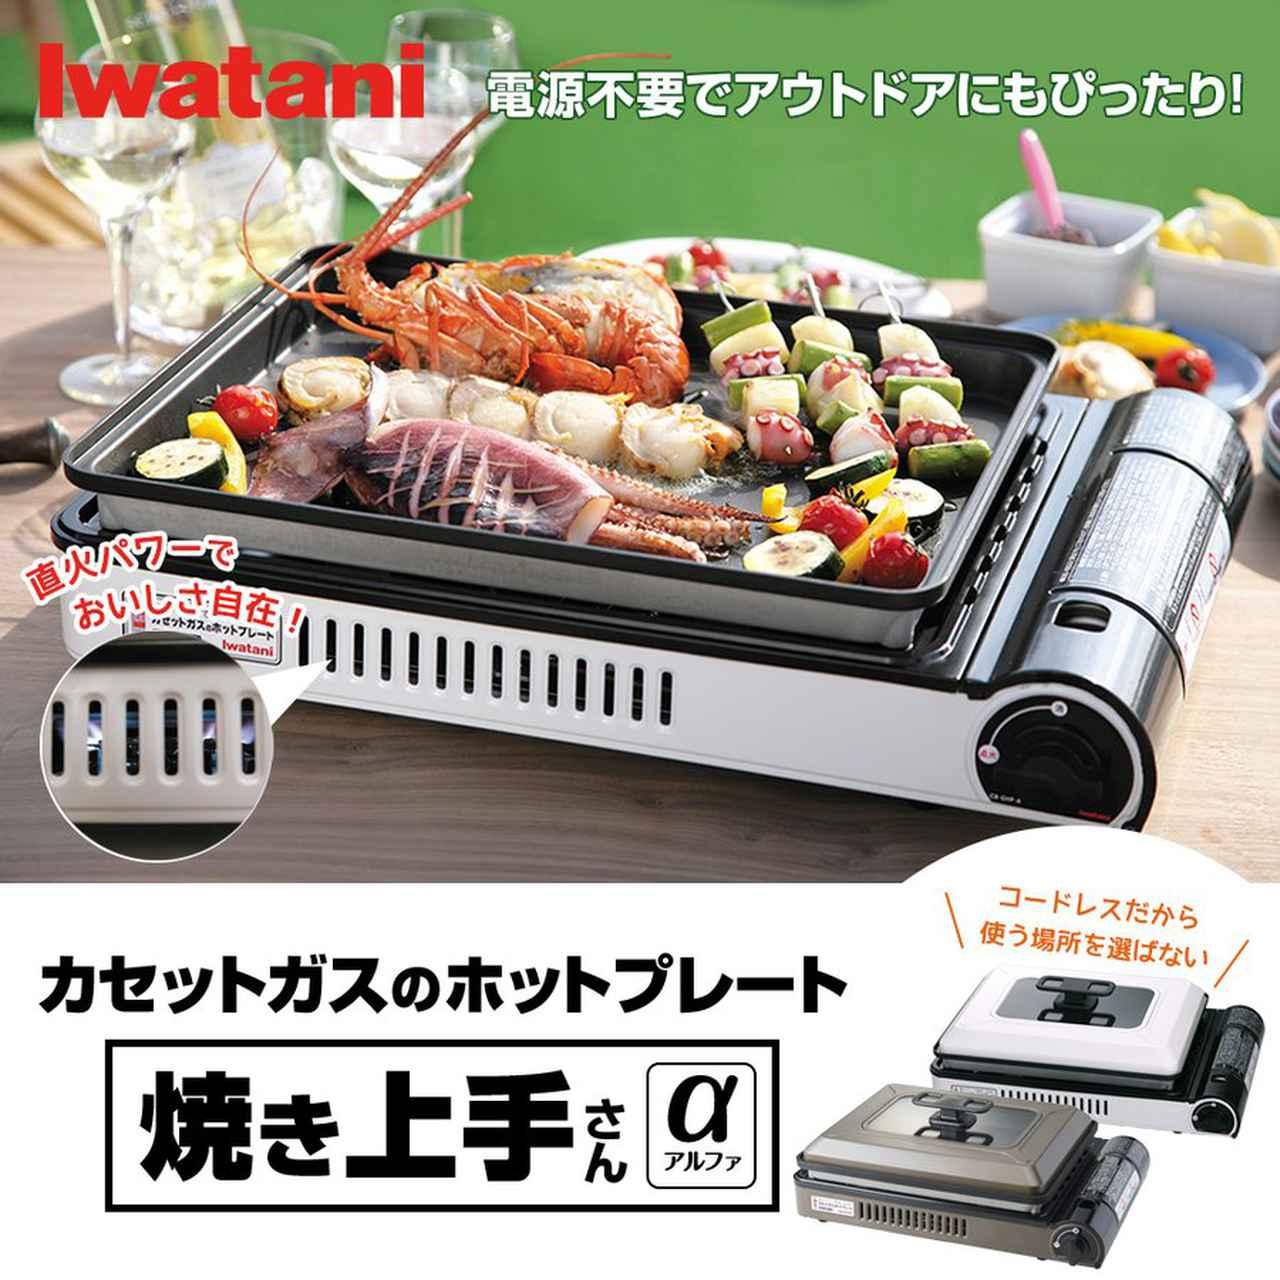 画像1: イワタニのホットプレート『焼き上手さんα』で作るキャンプ飯レシピ4選 オムライスやビビンバなど